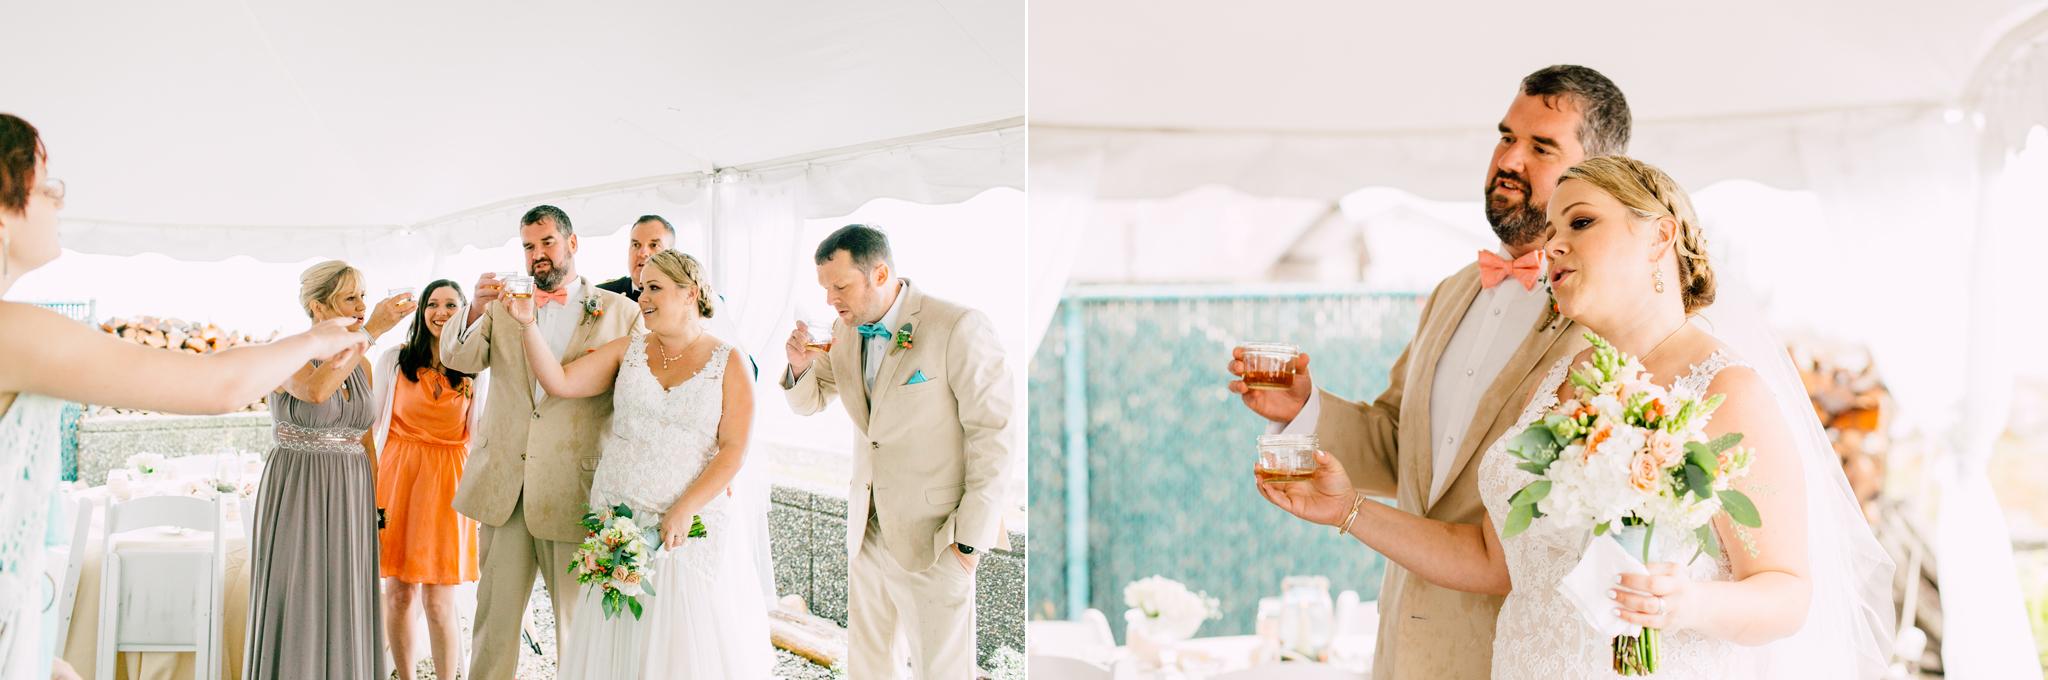 042-bellingham-wedding-photographer-beach-katheryn-moran-elisa-phillip.jpg